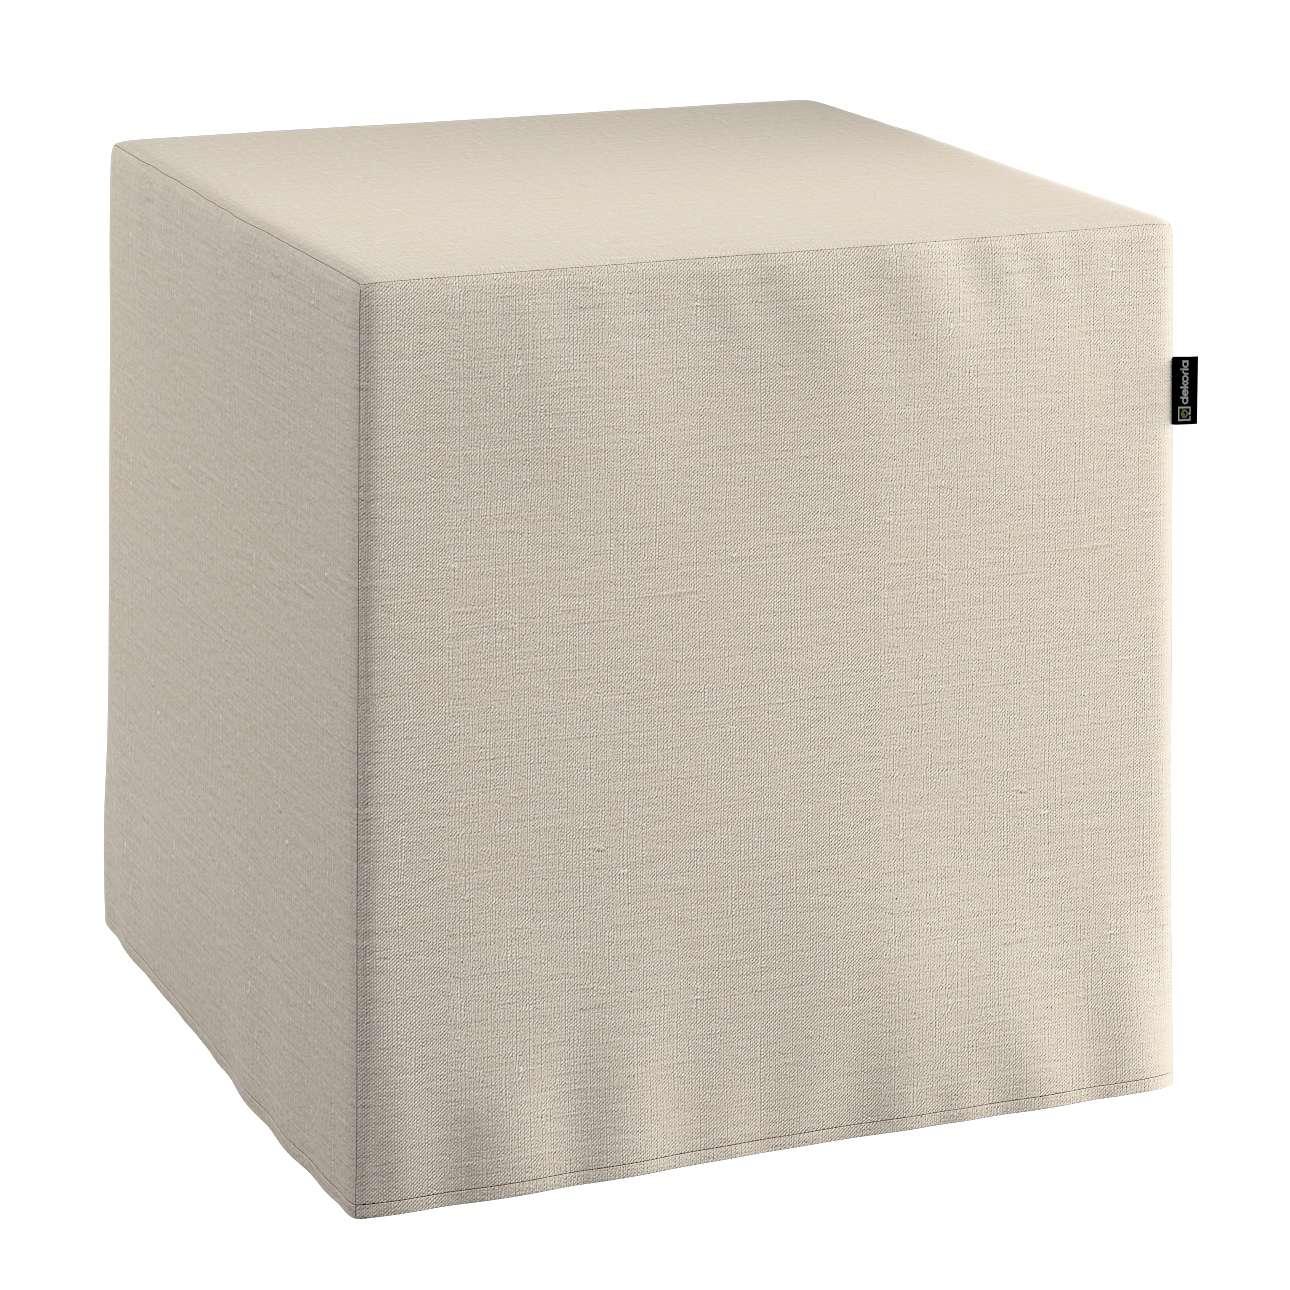 Sedák Cube - kostka pevná 40x40x40 v kolekci Linen, látka: 392-05